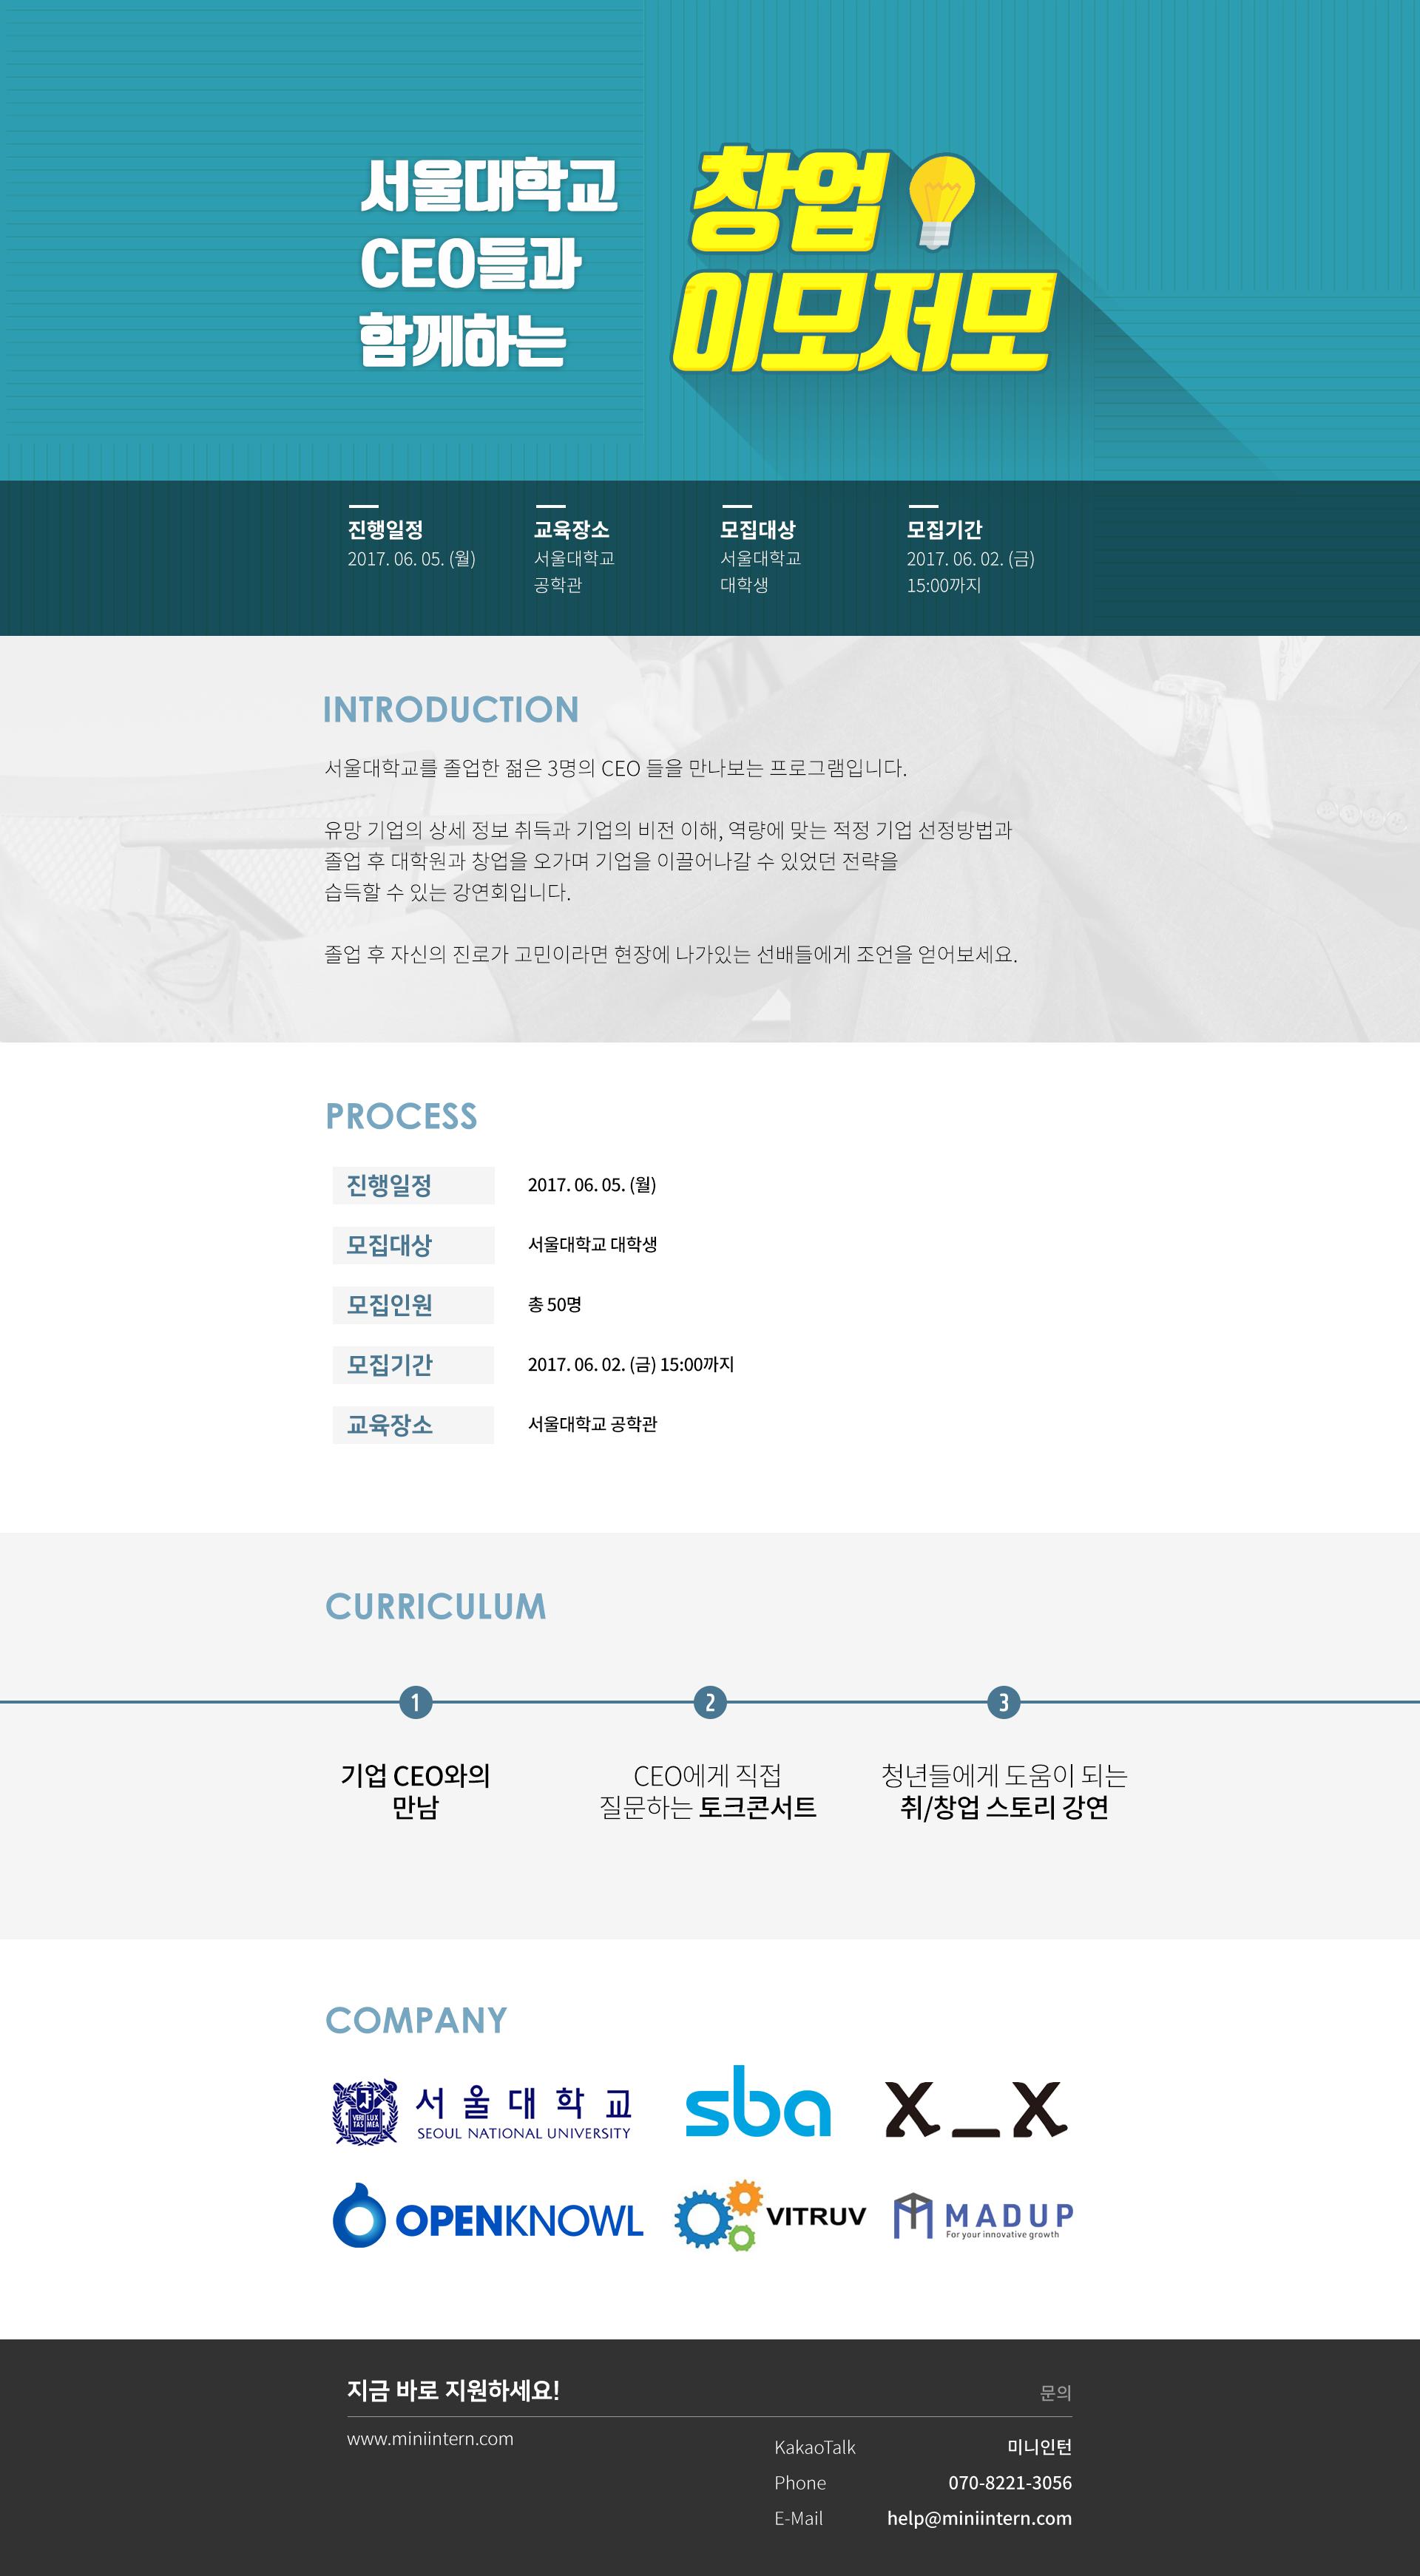 서울대학교 CEO들과 함께하는 창업 이모저모